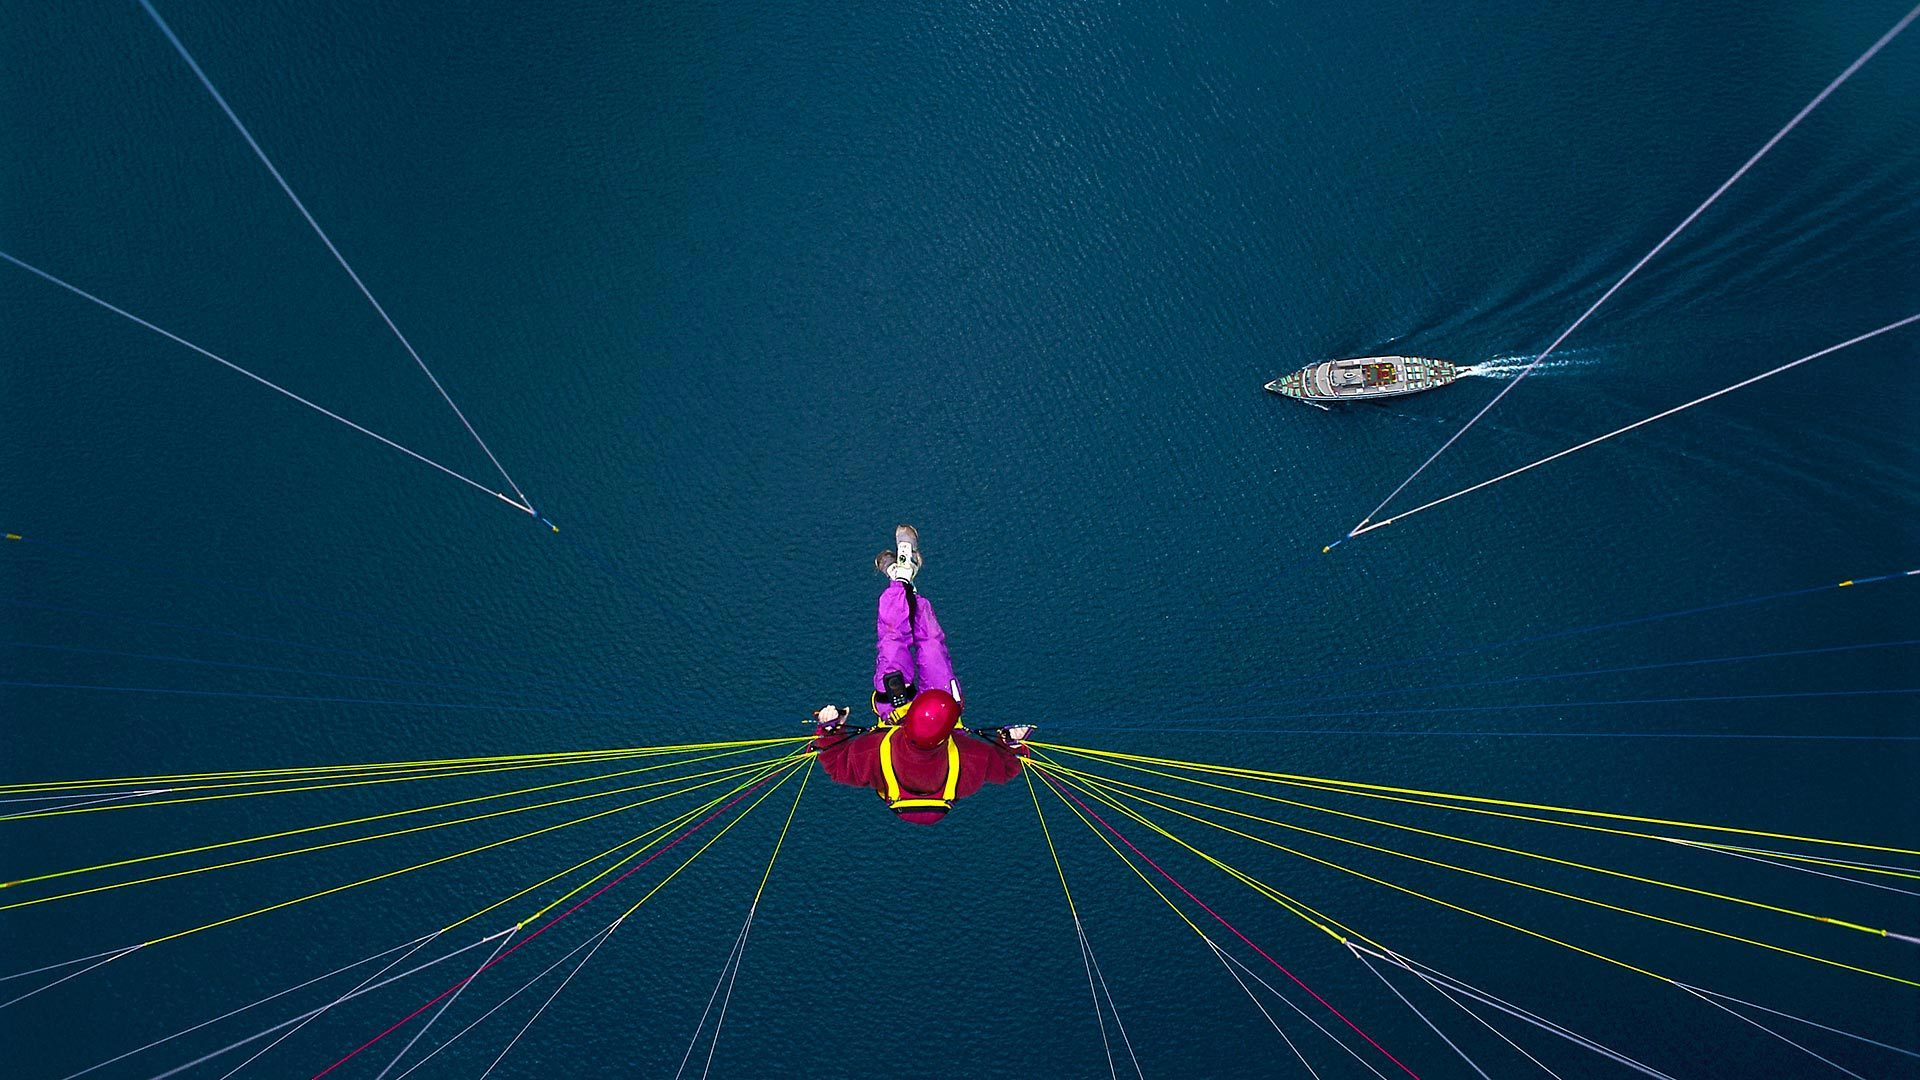 飞翔在图恩湖上空